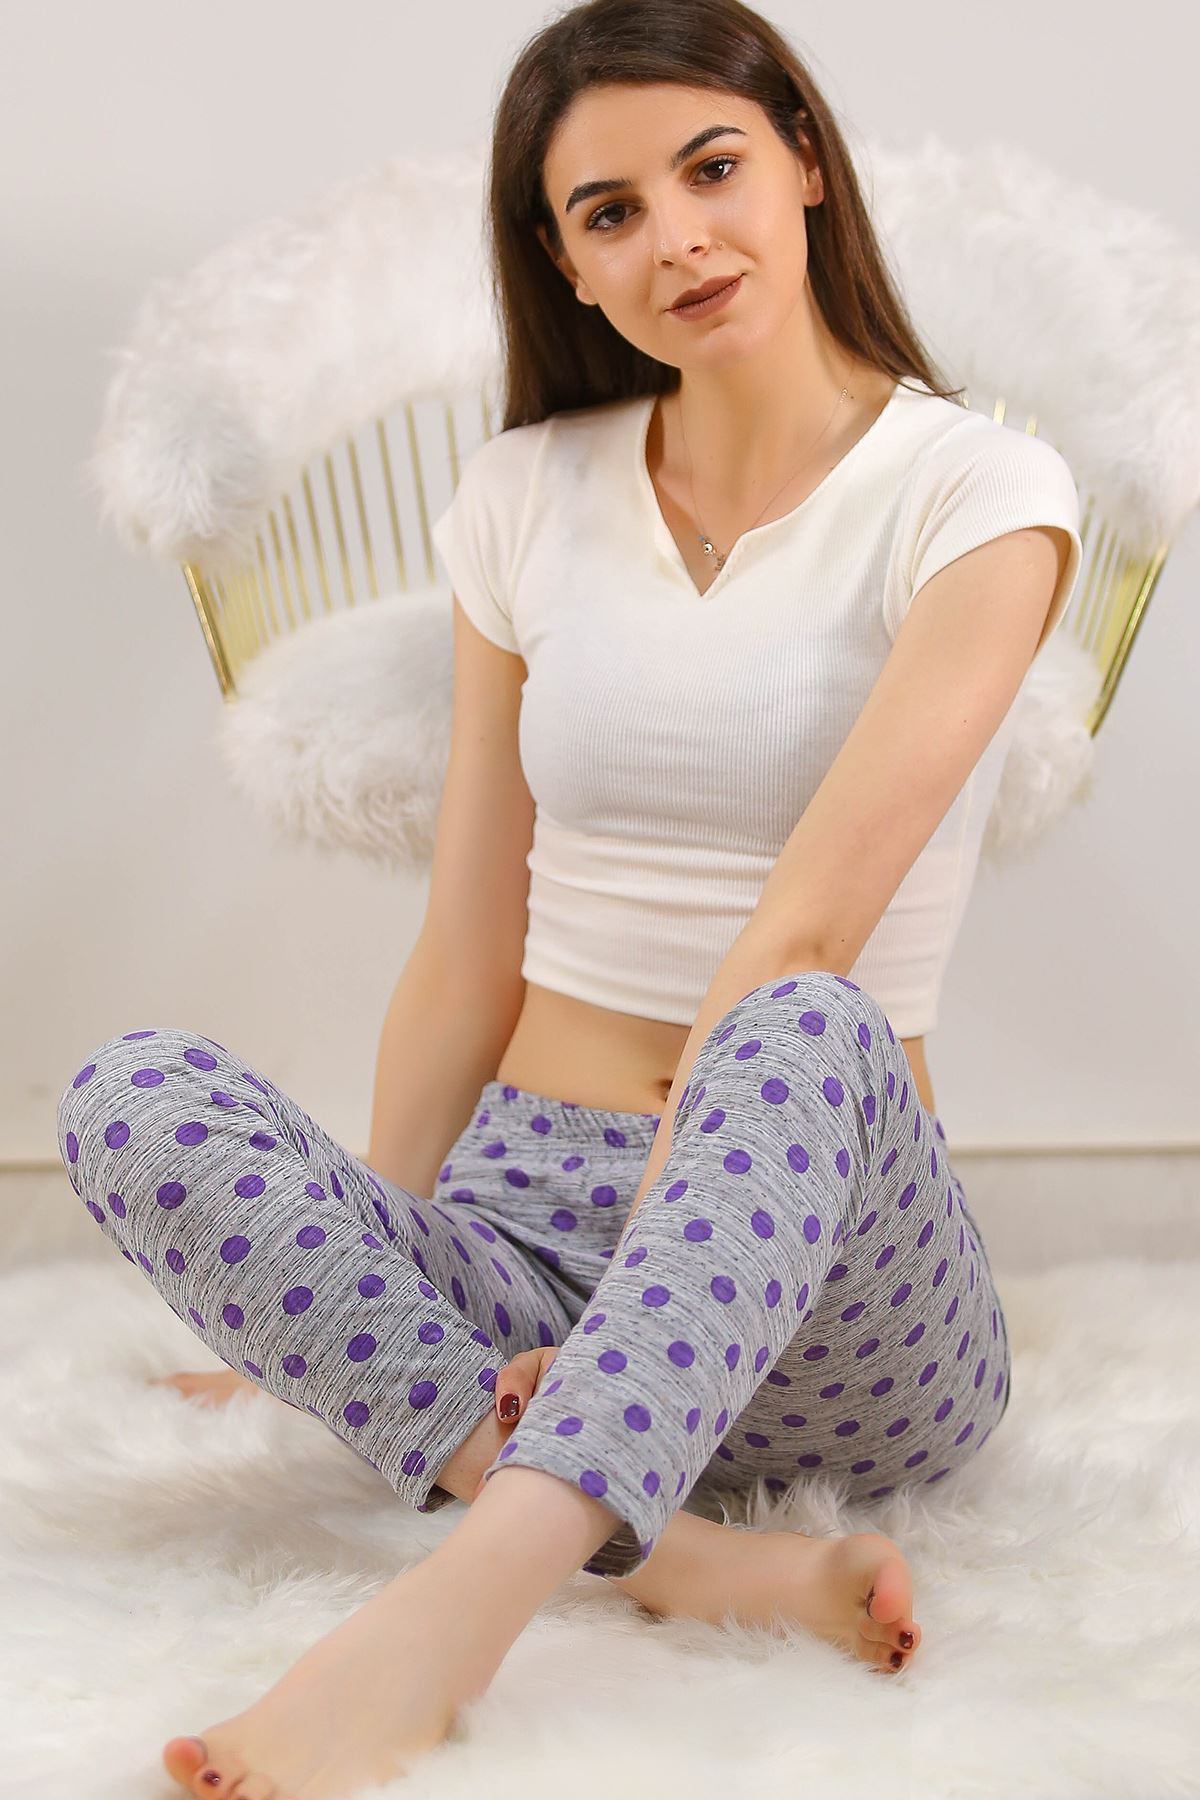 Desenli Pijama Altı Morpuanlı - 5220.1348.